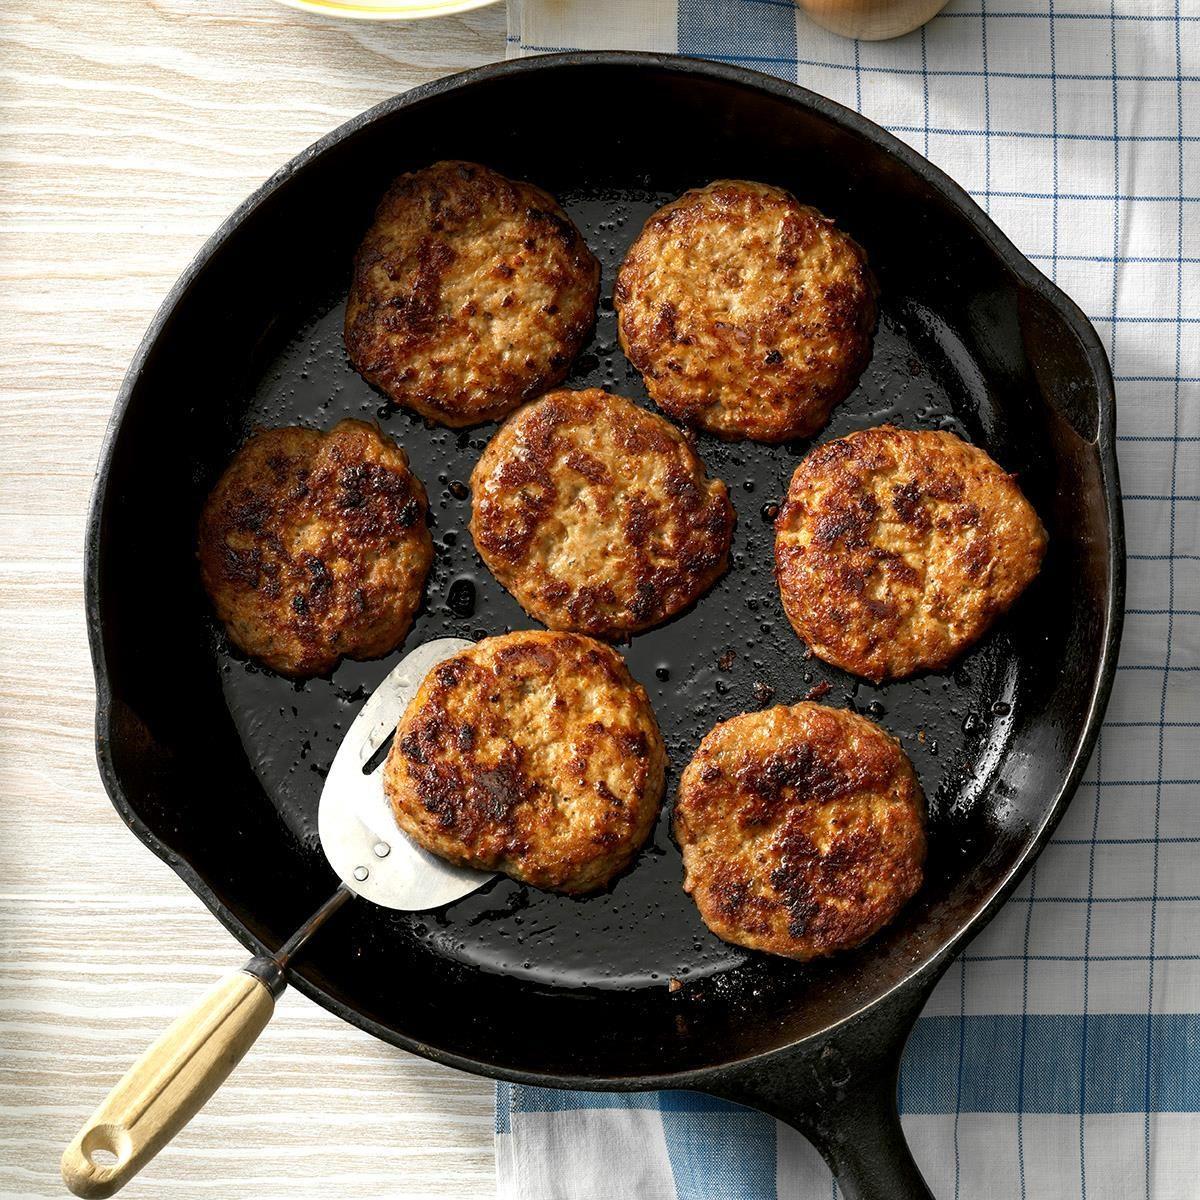 Homemade Sage Sausage Patties Recipe